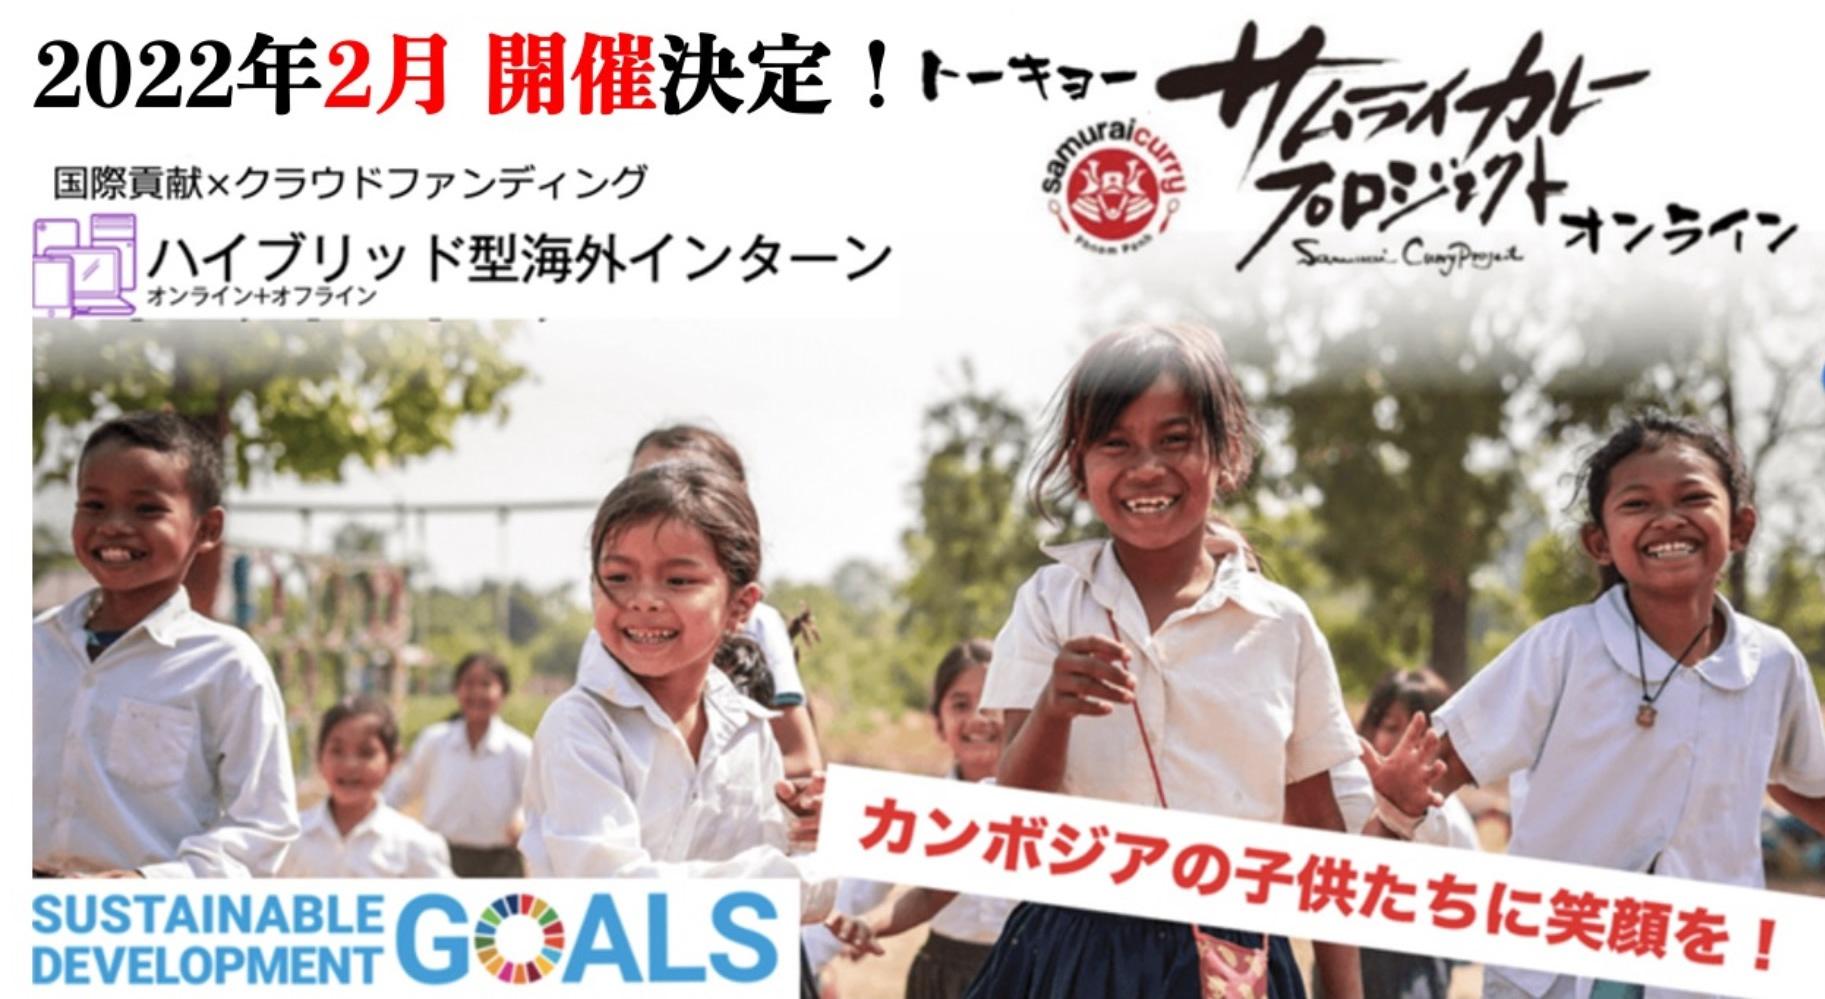 2022年2月開催決定!トーキョーサムライカレープロジェクトオンライン 国際貢献×クラウドファンディング ハイブリッド型海外インターン カンボジアの子供たちに笑顔を!